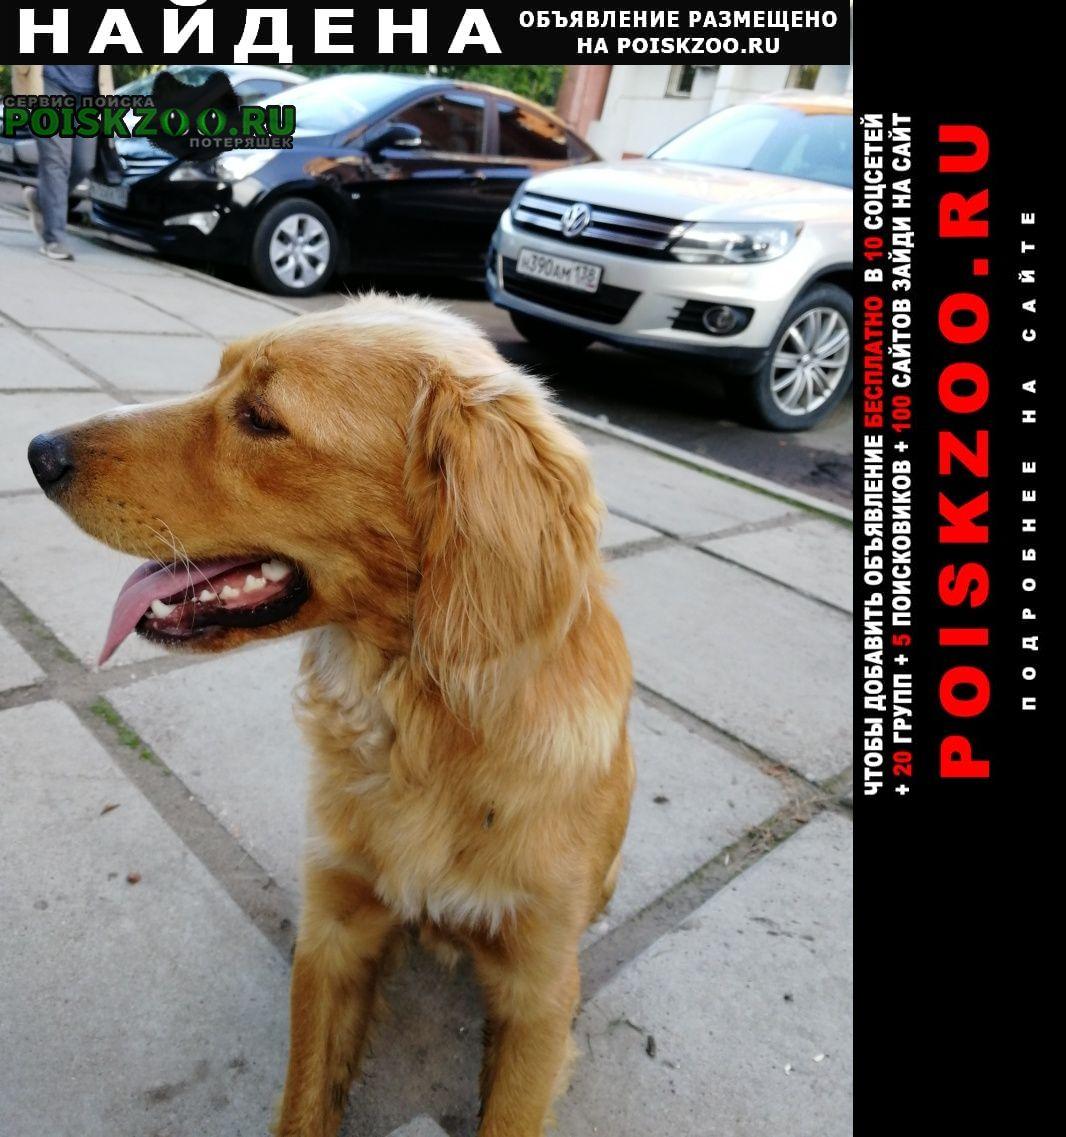 Найдена собака молодой кобель Иркутск